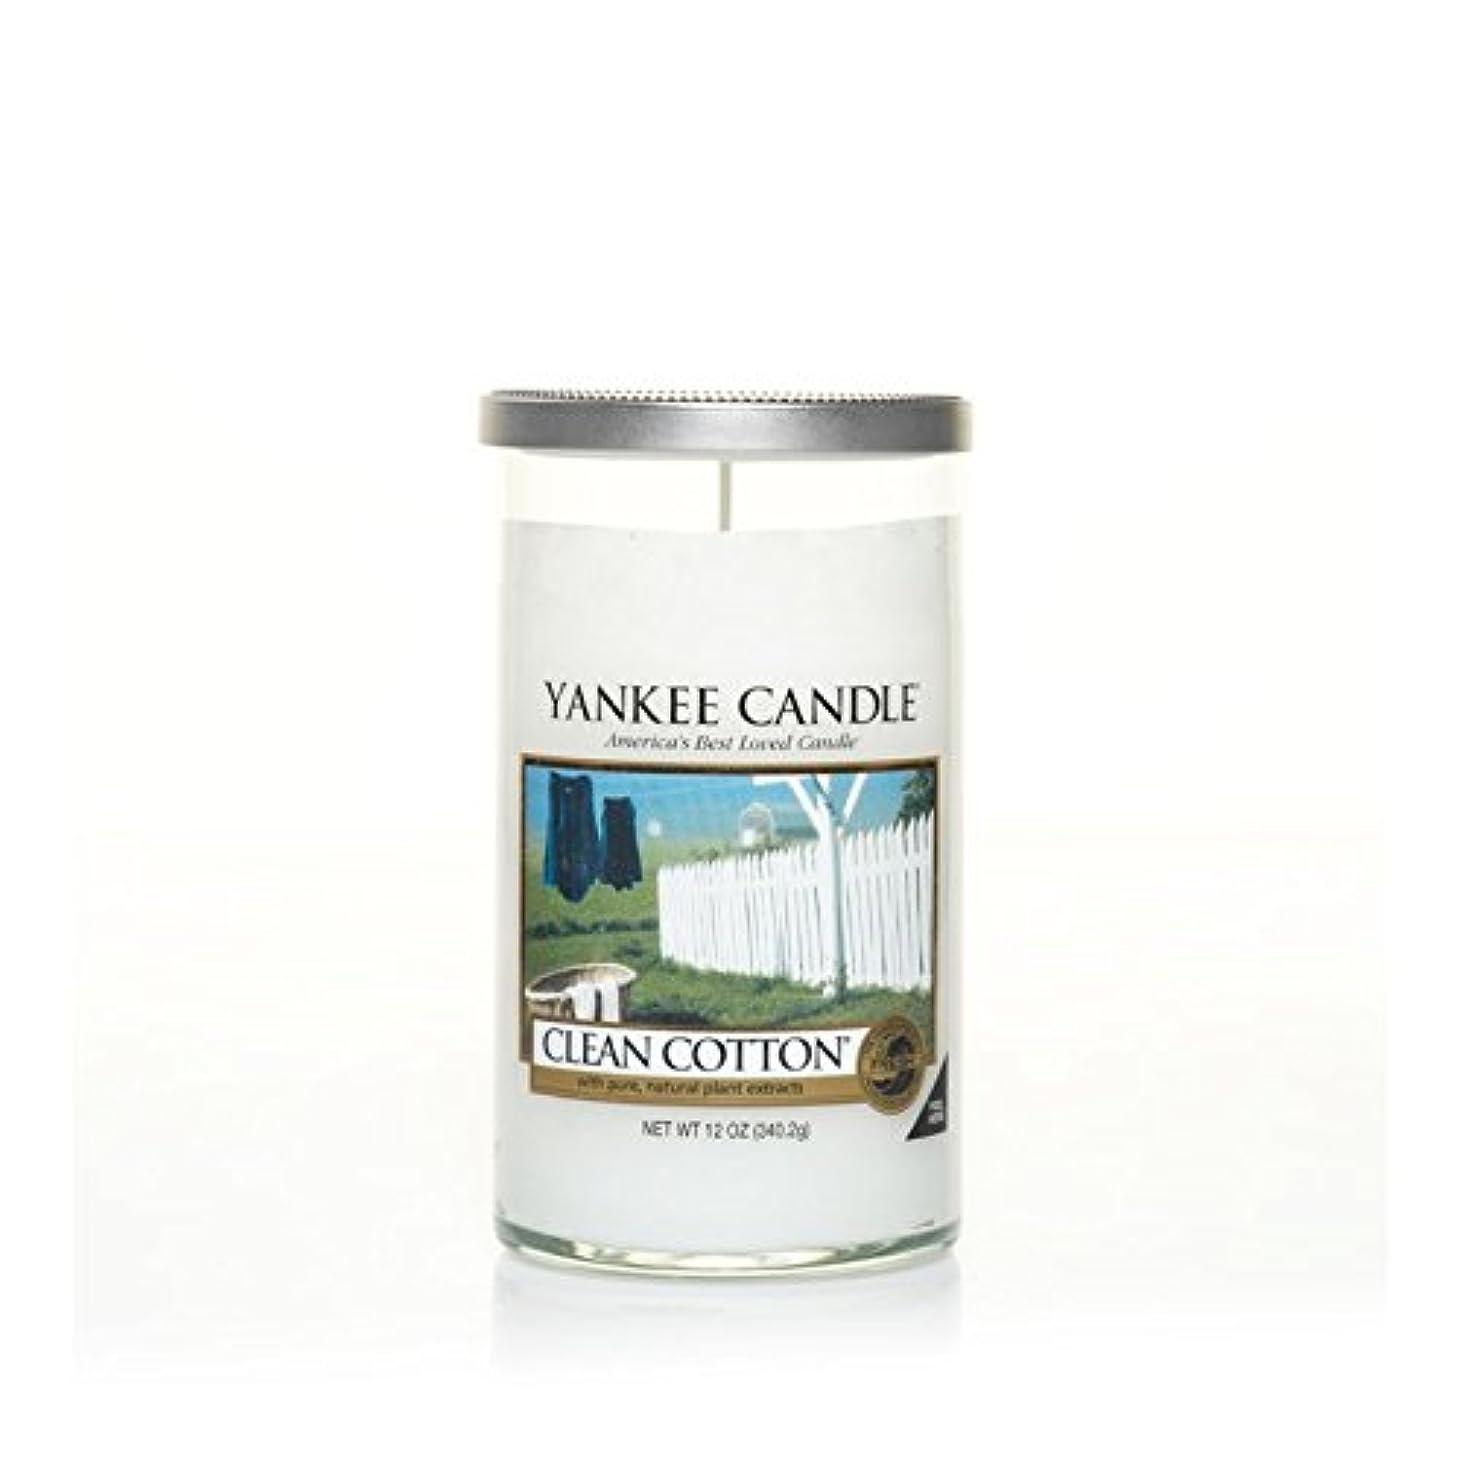 ソフトウェア野心的戦闘Yankee Candles Medium Pillar Candle - Clean Cotton (Pack of 2) - ヤンキーキャンドルメディアピラーキャンドル - きれいな綿 (x2) [並行輸入品]